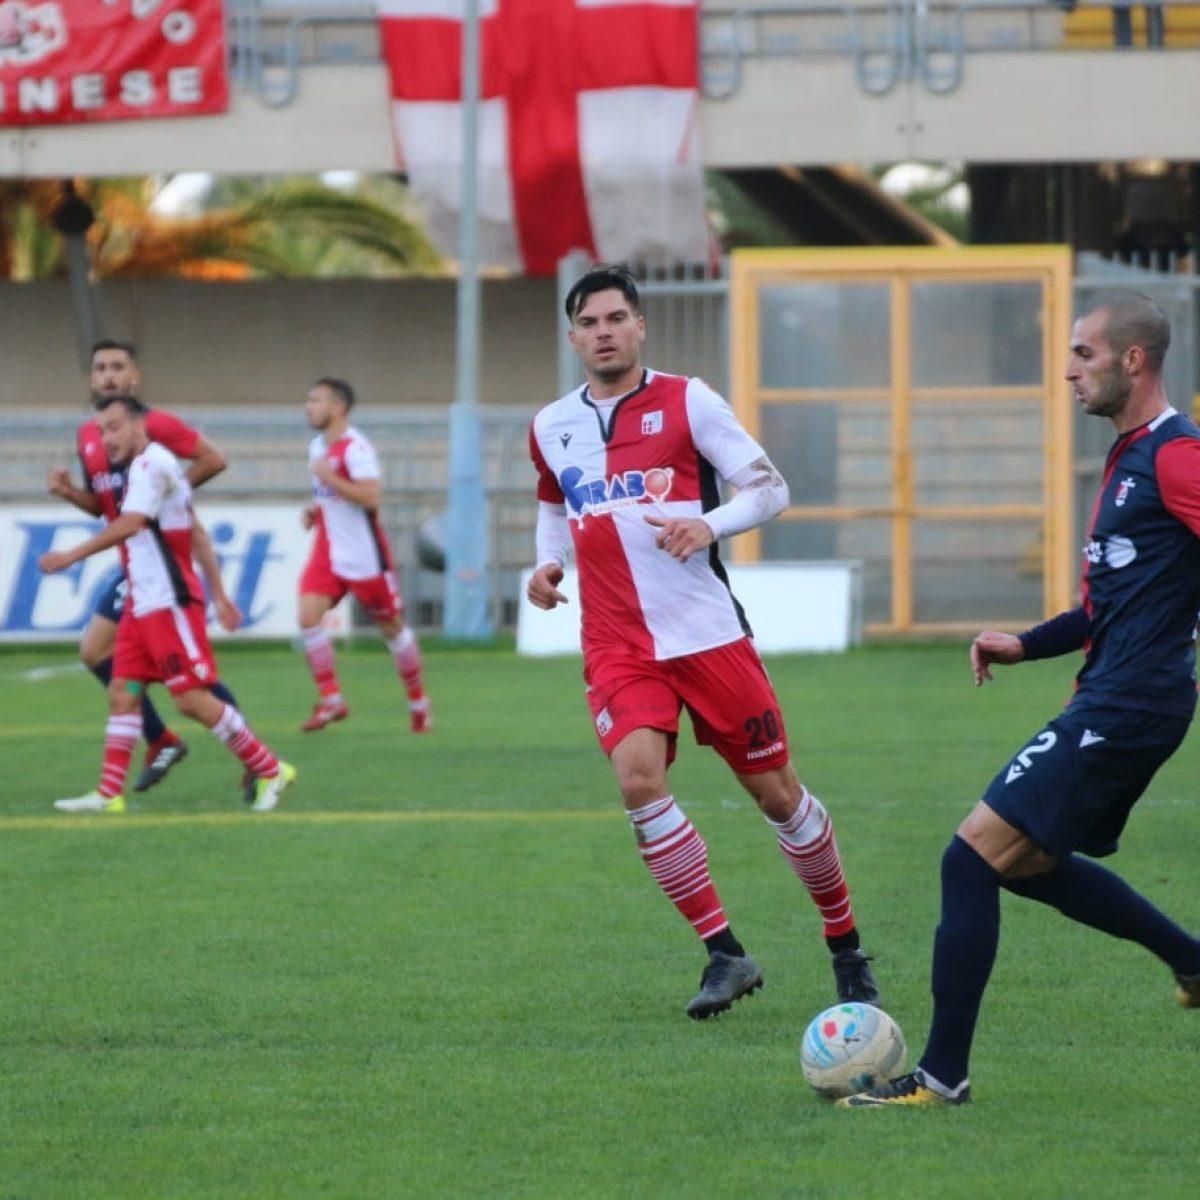 Calcio C, il Rimini cede alla distanza contro la Samb